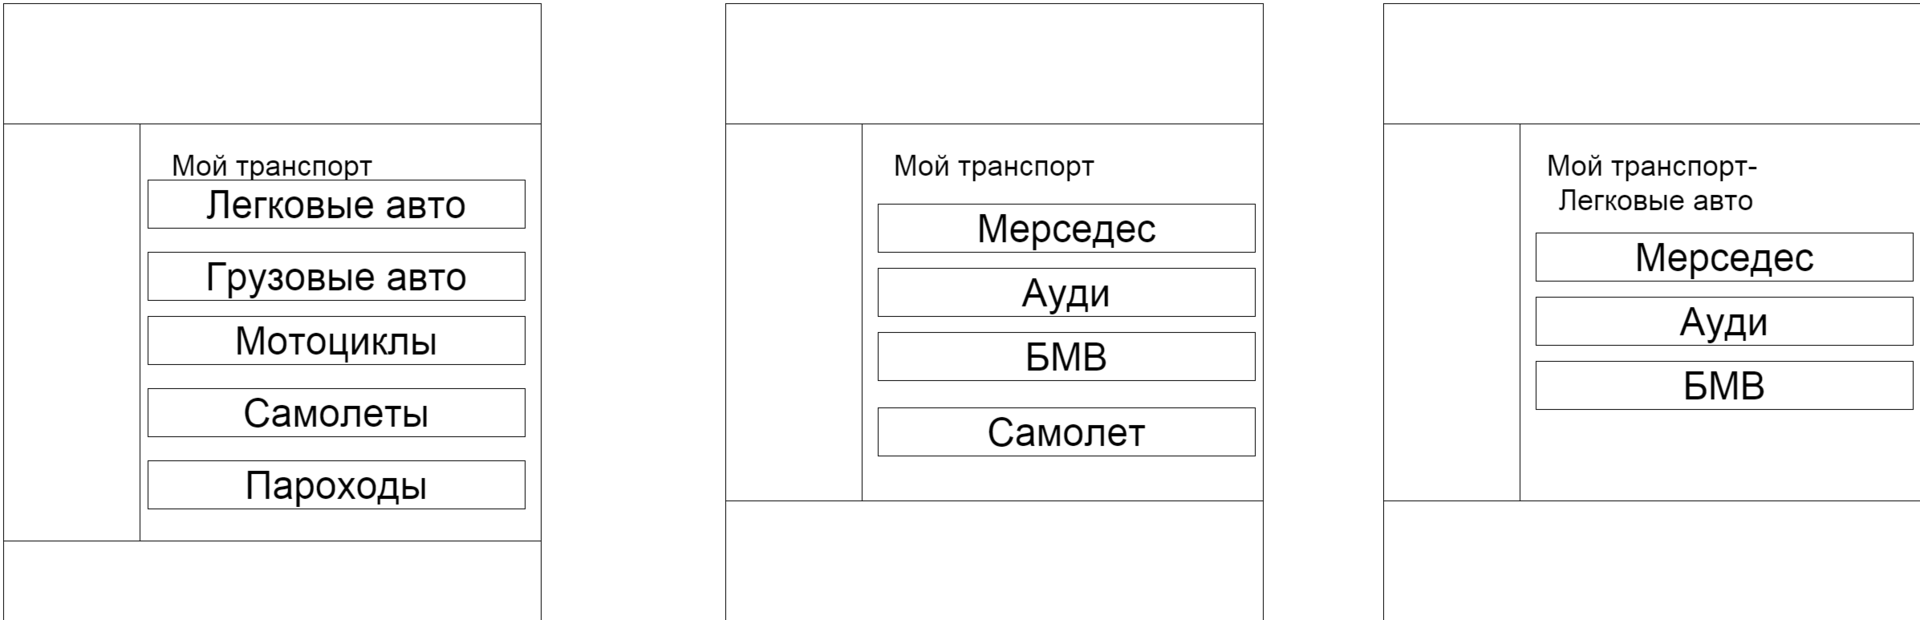 36cff884f1bc454ea48db9822507c26d.png